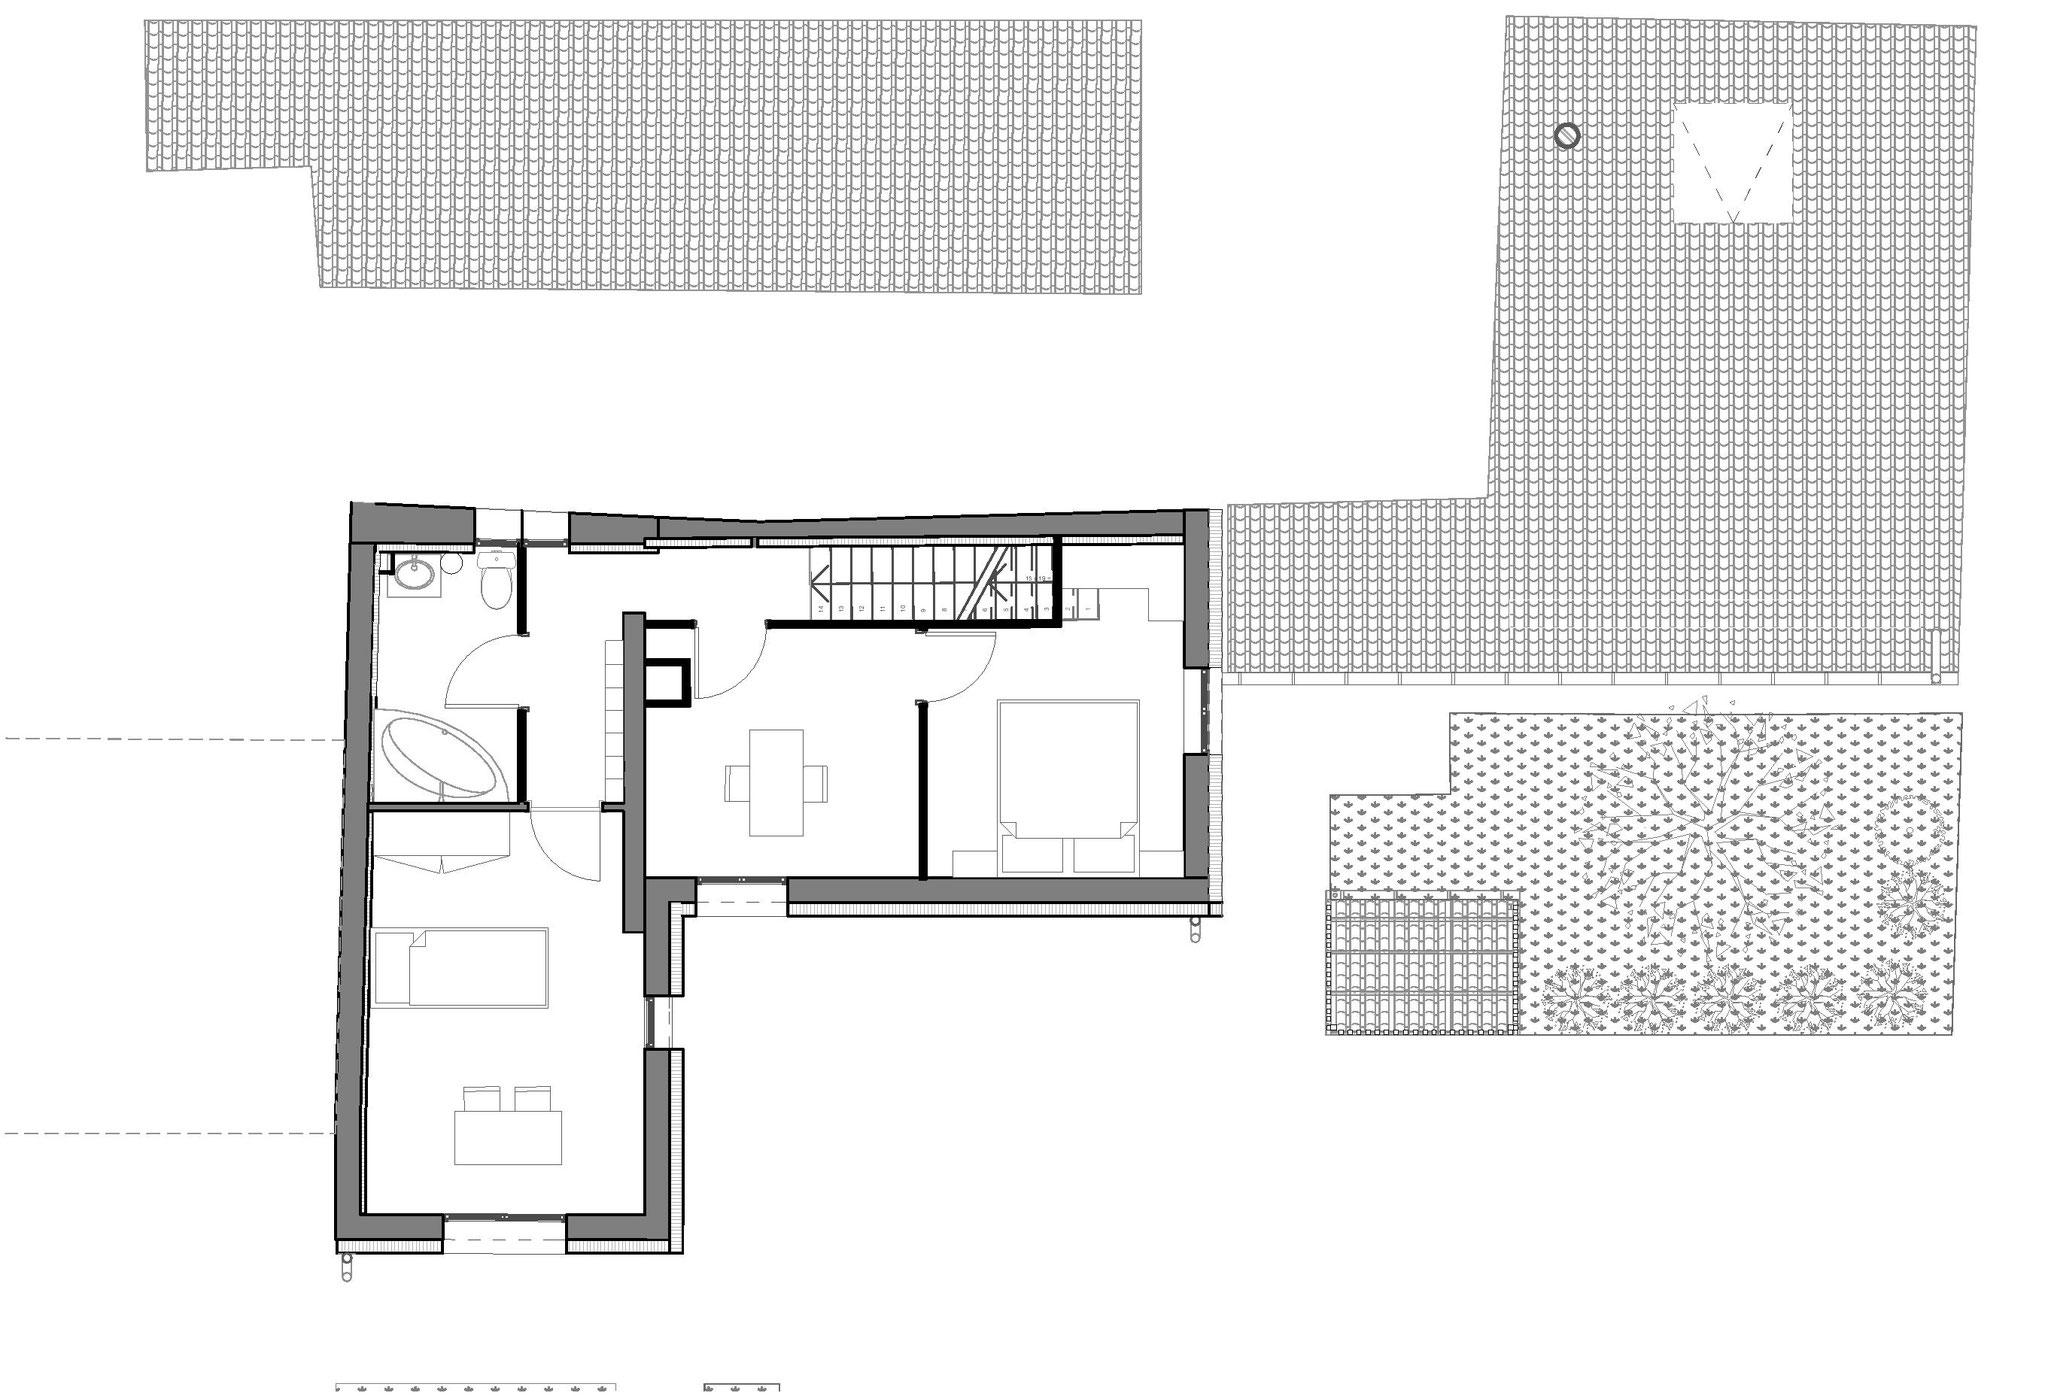 Plan de premier étage